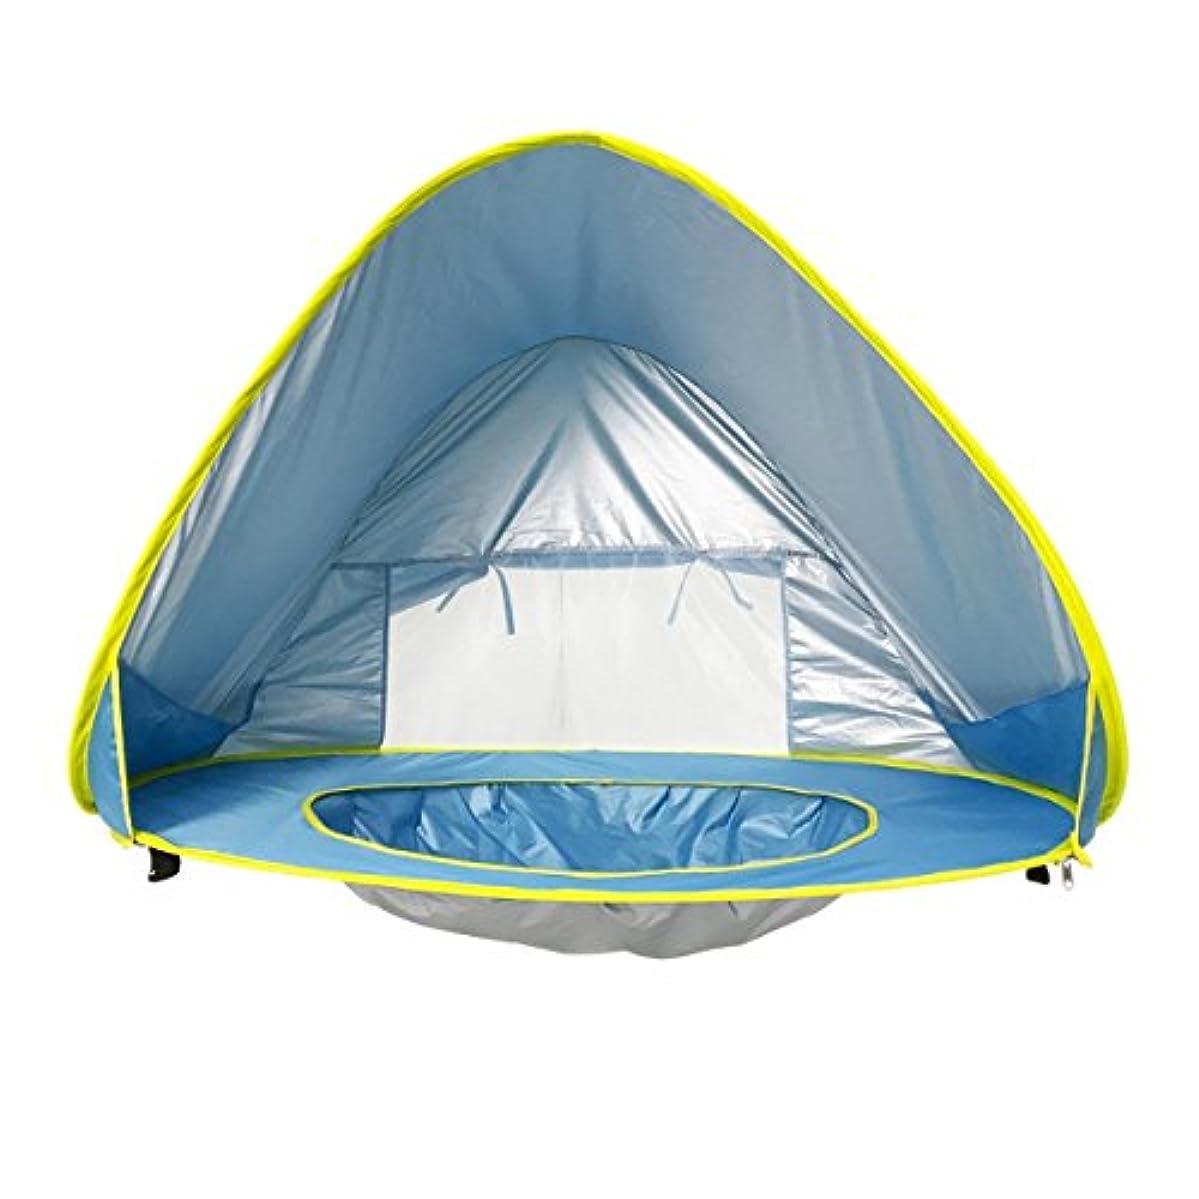 アシスト朝食を食べるショットLWT 子供たちはテントを再生する自動ビルドビーチプール赤ちゃんUVプロテクション(青47.2 * 31.5 * 27.5インチパッキング1)